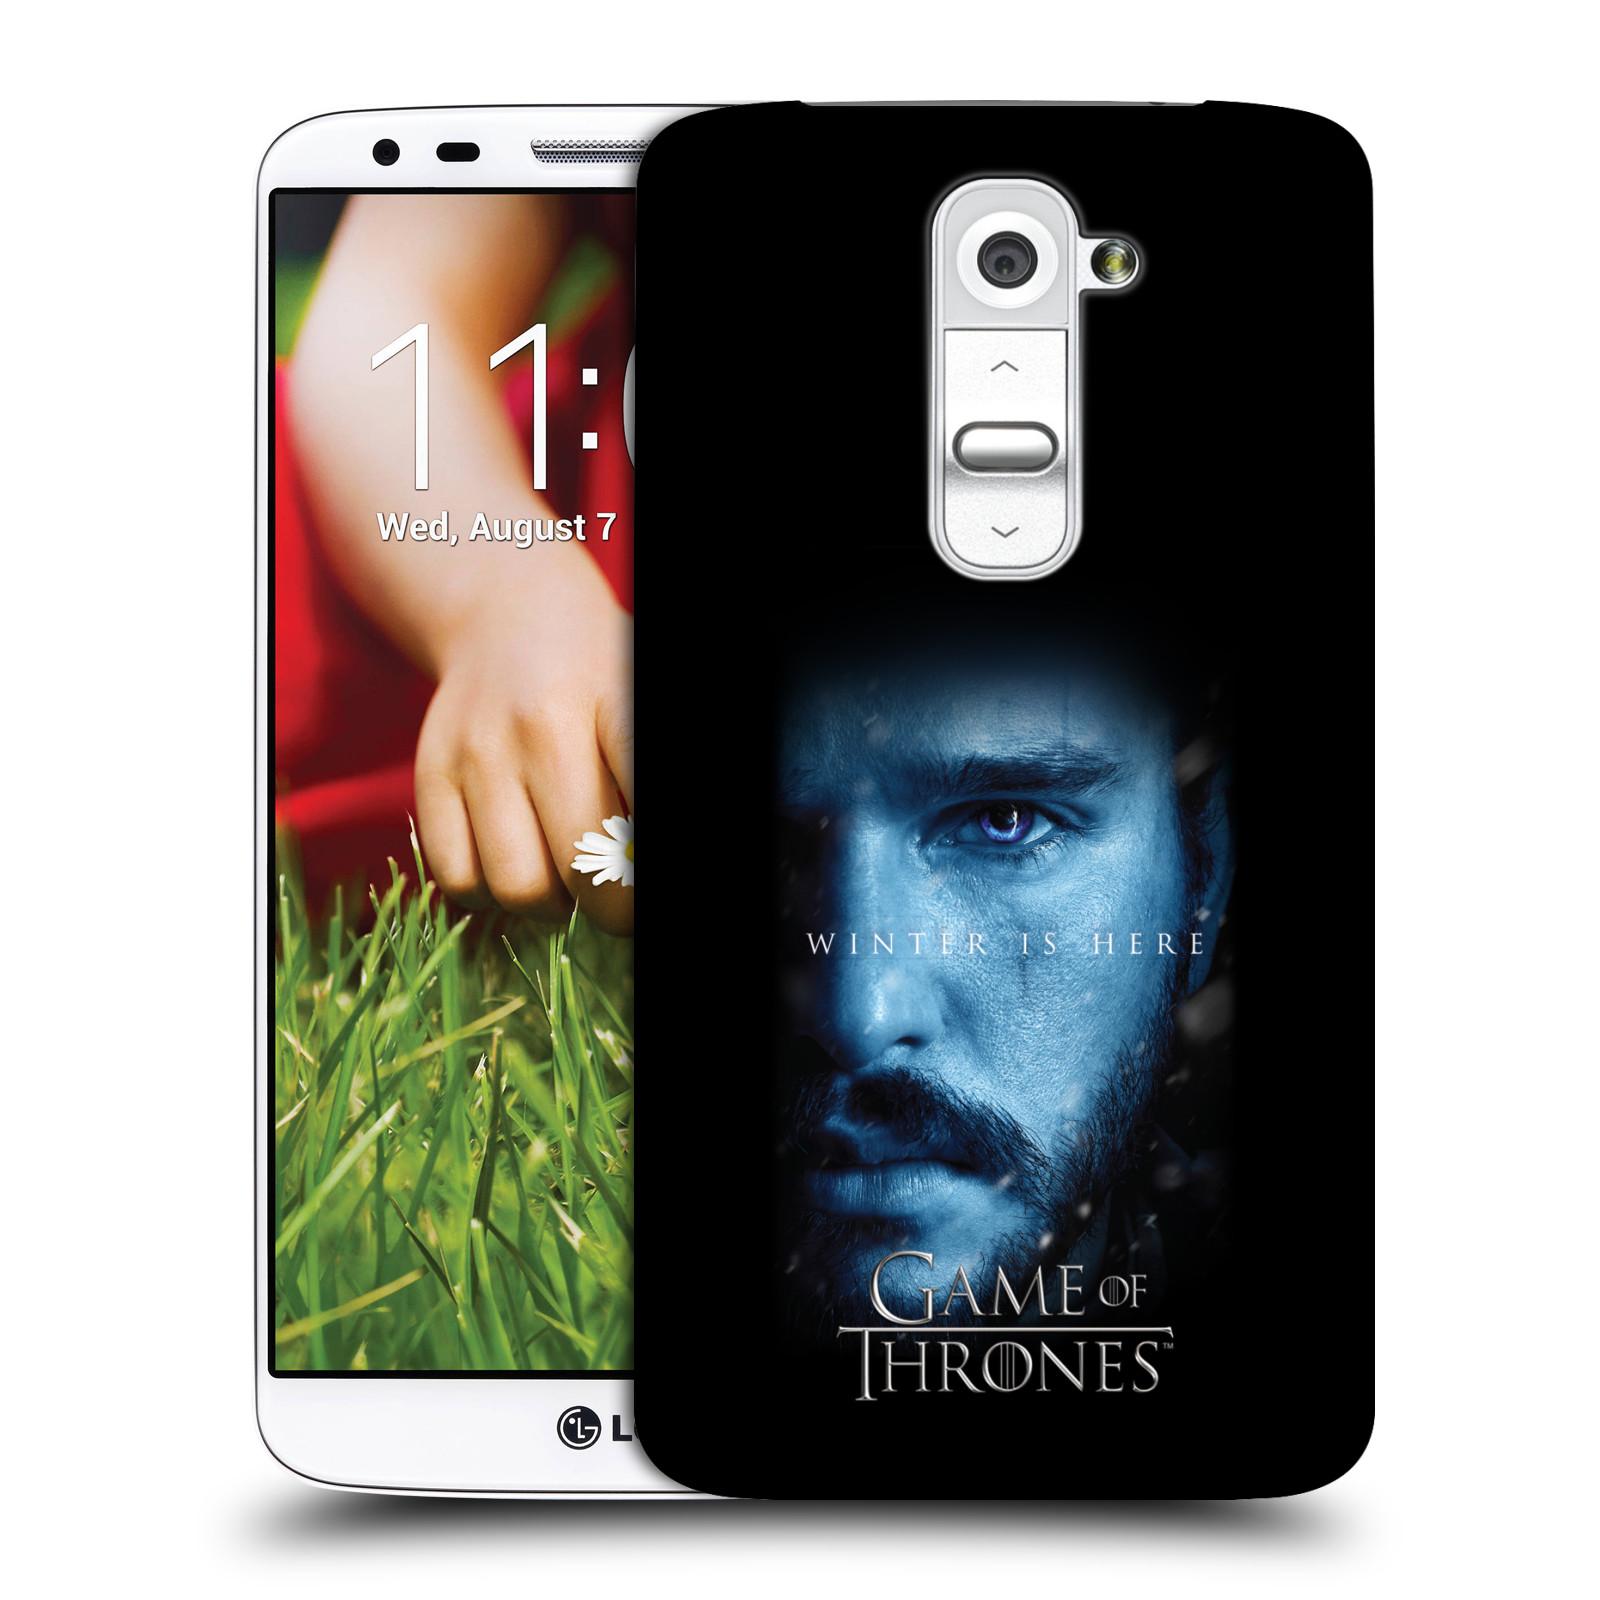 Plastové pouzdro na mobil LG G2 - Head Case - Hra o trůny - Jon Snow - Winter is here (Plastový kryt či obal na mobilní telefon s motivem Game of Thrones - Jon Snow - Winter is here - Season 7 pro LG G2)